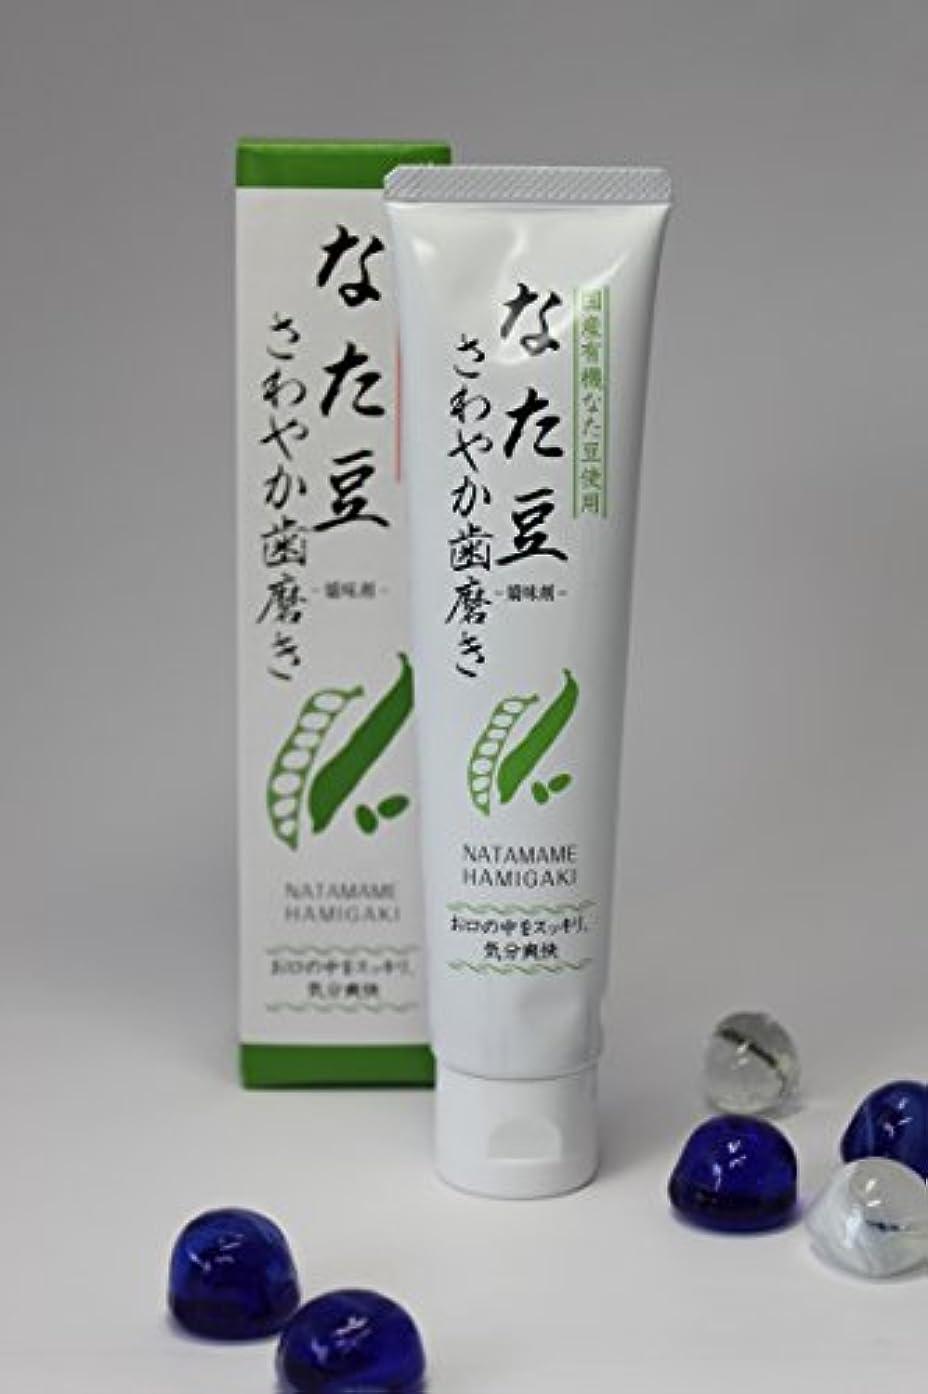 受け入れ空の疑い者アスカ(大阪) なた豆さわやか歯磨き 120g